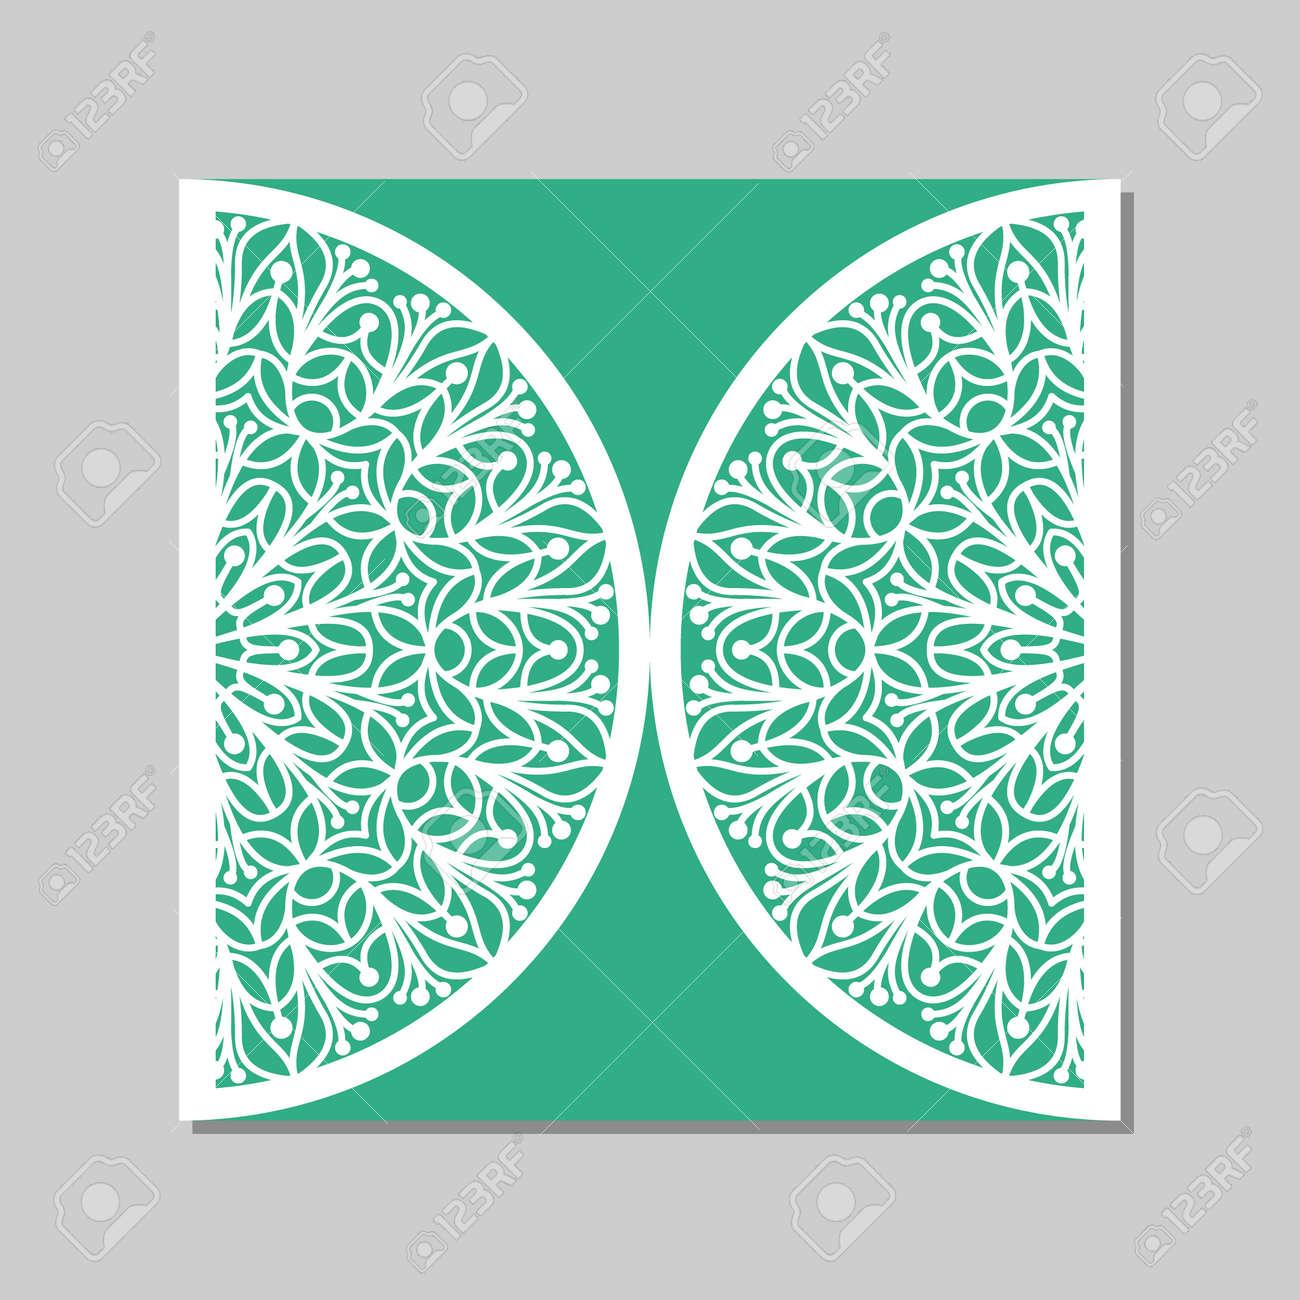 Einladung Zur Hochzeit Oder Grußkarte Mit Mandala Spitze Ornament.  Papierspitzen Umschlag. Einladung Zur Hochzeit